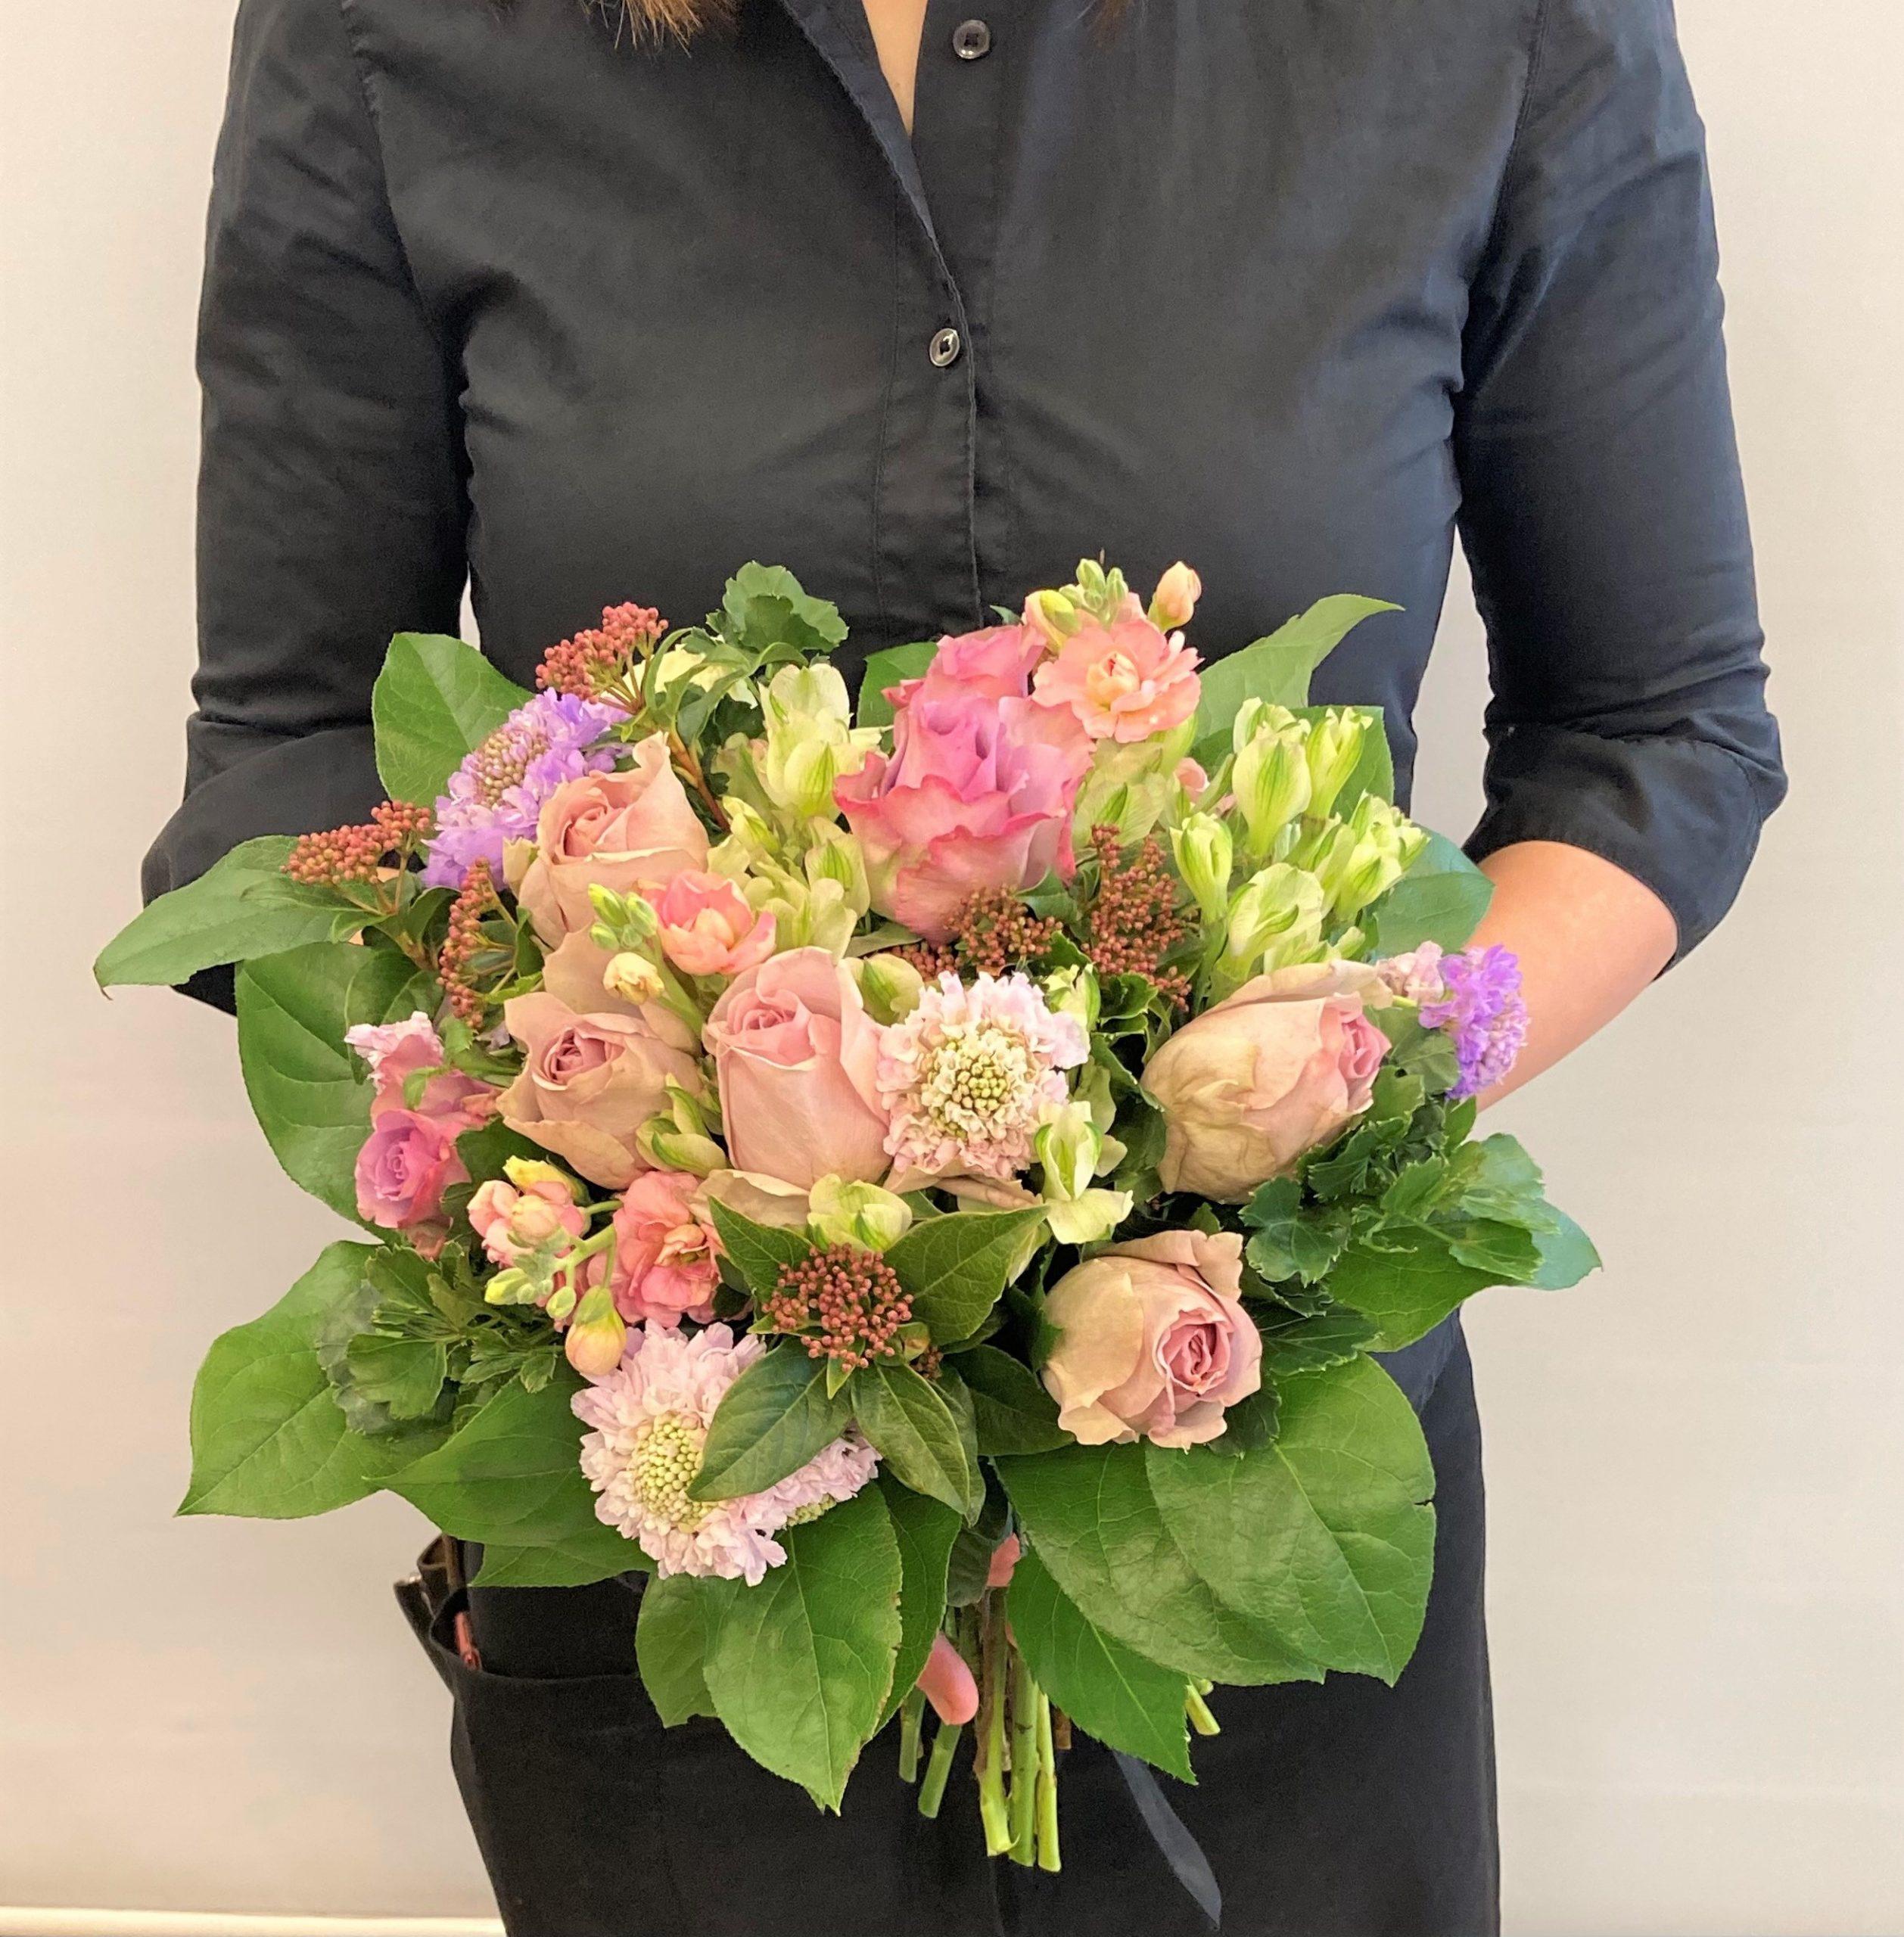 横浜市中区関内へお祝い用の花束を即日当日配達しました。【横浜花屋の花束・スタンド花・胡蝶蘭・バルーン・アレンジメント配達事例855】